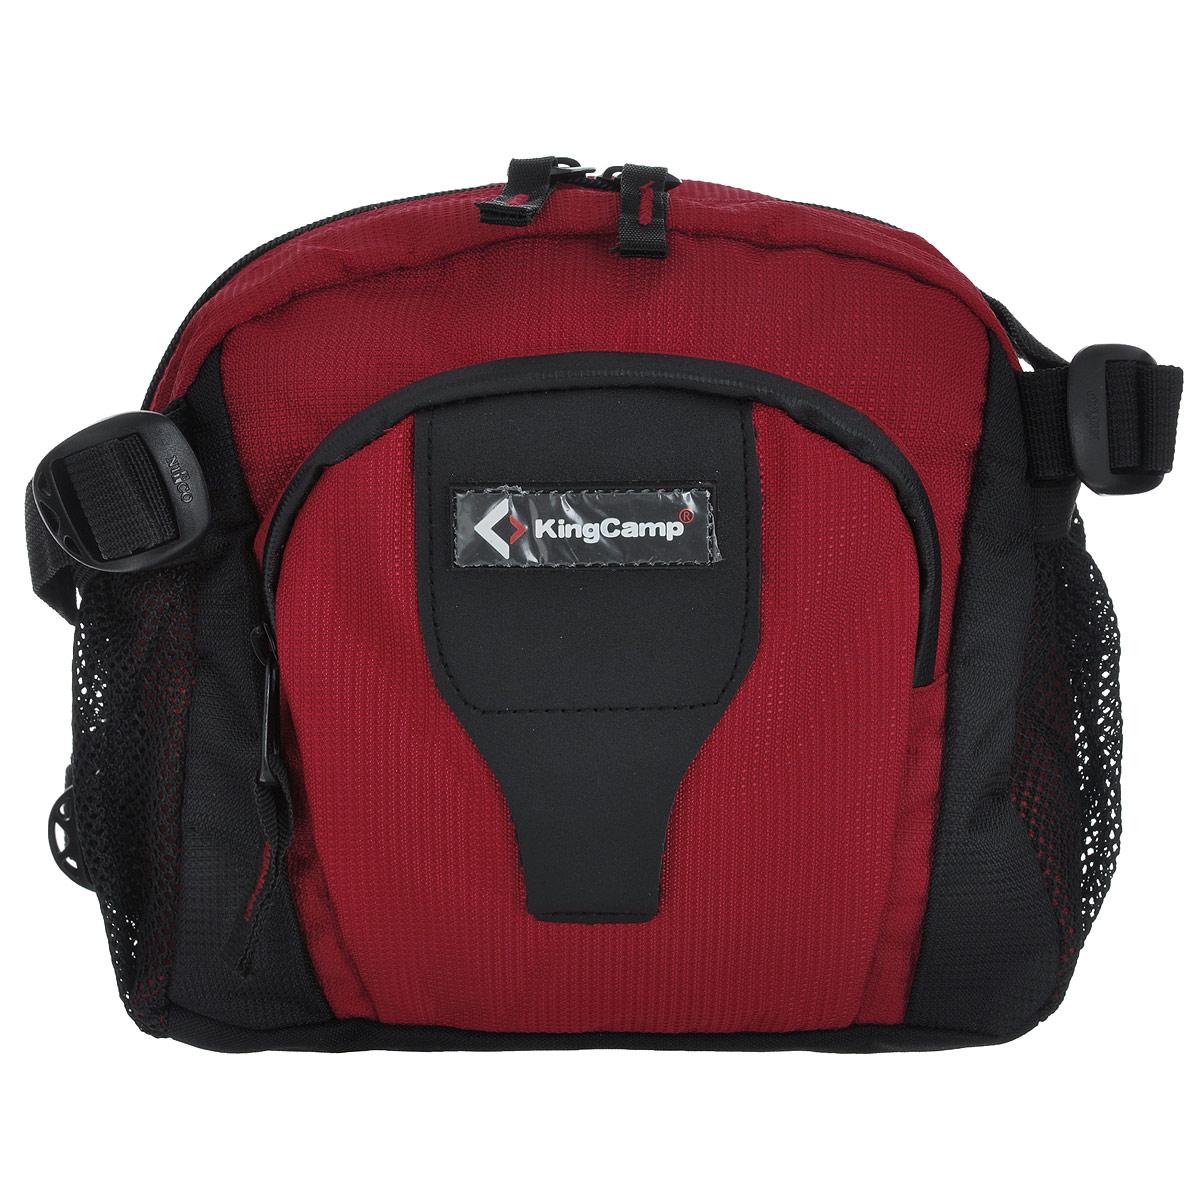 Сумка поясная KingCamp Jordan, цвет: красныйУТ-000049351Поясная сумка KingCamp Jordan изготовлена из полиэстера. Сумка имеет 1 основное отделение, которое закрывается на застежку молнию. Внутри отделения находится накладной карман на застежке-молнии, а также карабин для ключей. На лицевой стороне расположен накладной карман с мягким покрытием на застежке-молнии с 2 сетчатыми кармашками внутри. По бокам сумки расположены 2 сетчатых кармана.Такая сумка отлично подойдет любителям фитнеса и пробежек. В нее можно положить необходимые вещи, такие как плеер, ключи, телефон, не боясь, что они потеряются. Сумка крепится на пояс при помощи ремня с пластиковым карабином. Максимальная длина пояса: 95 см.